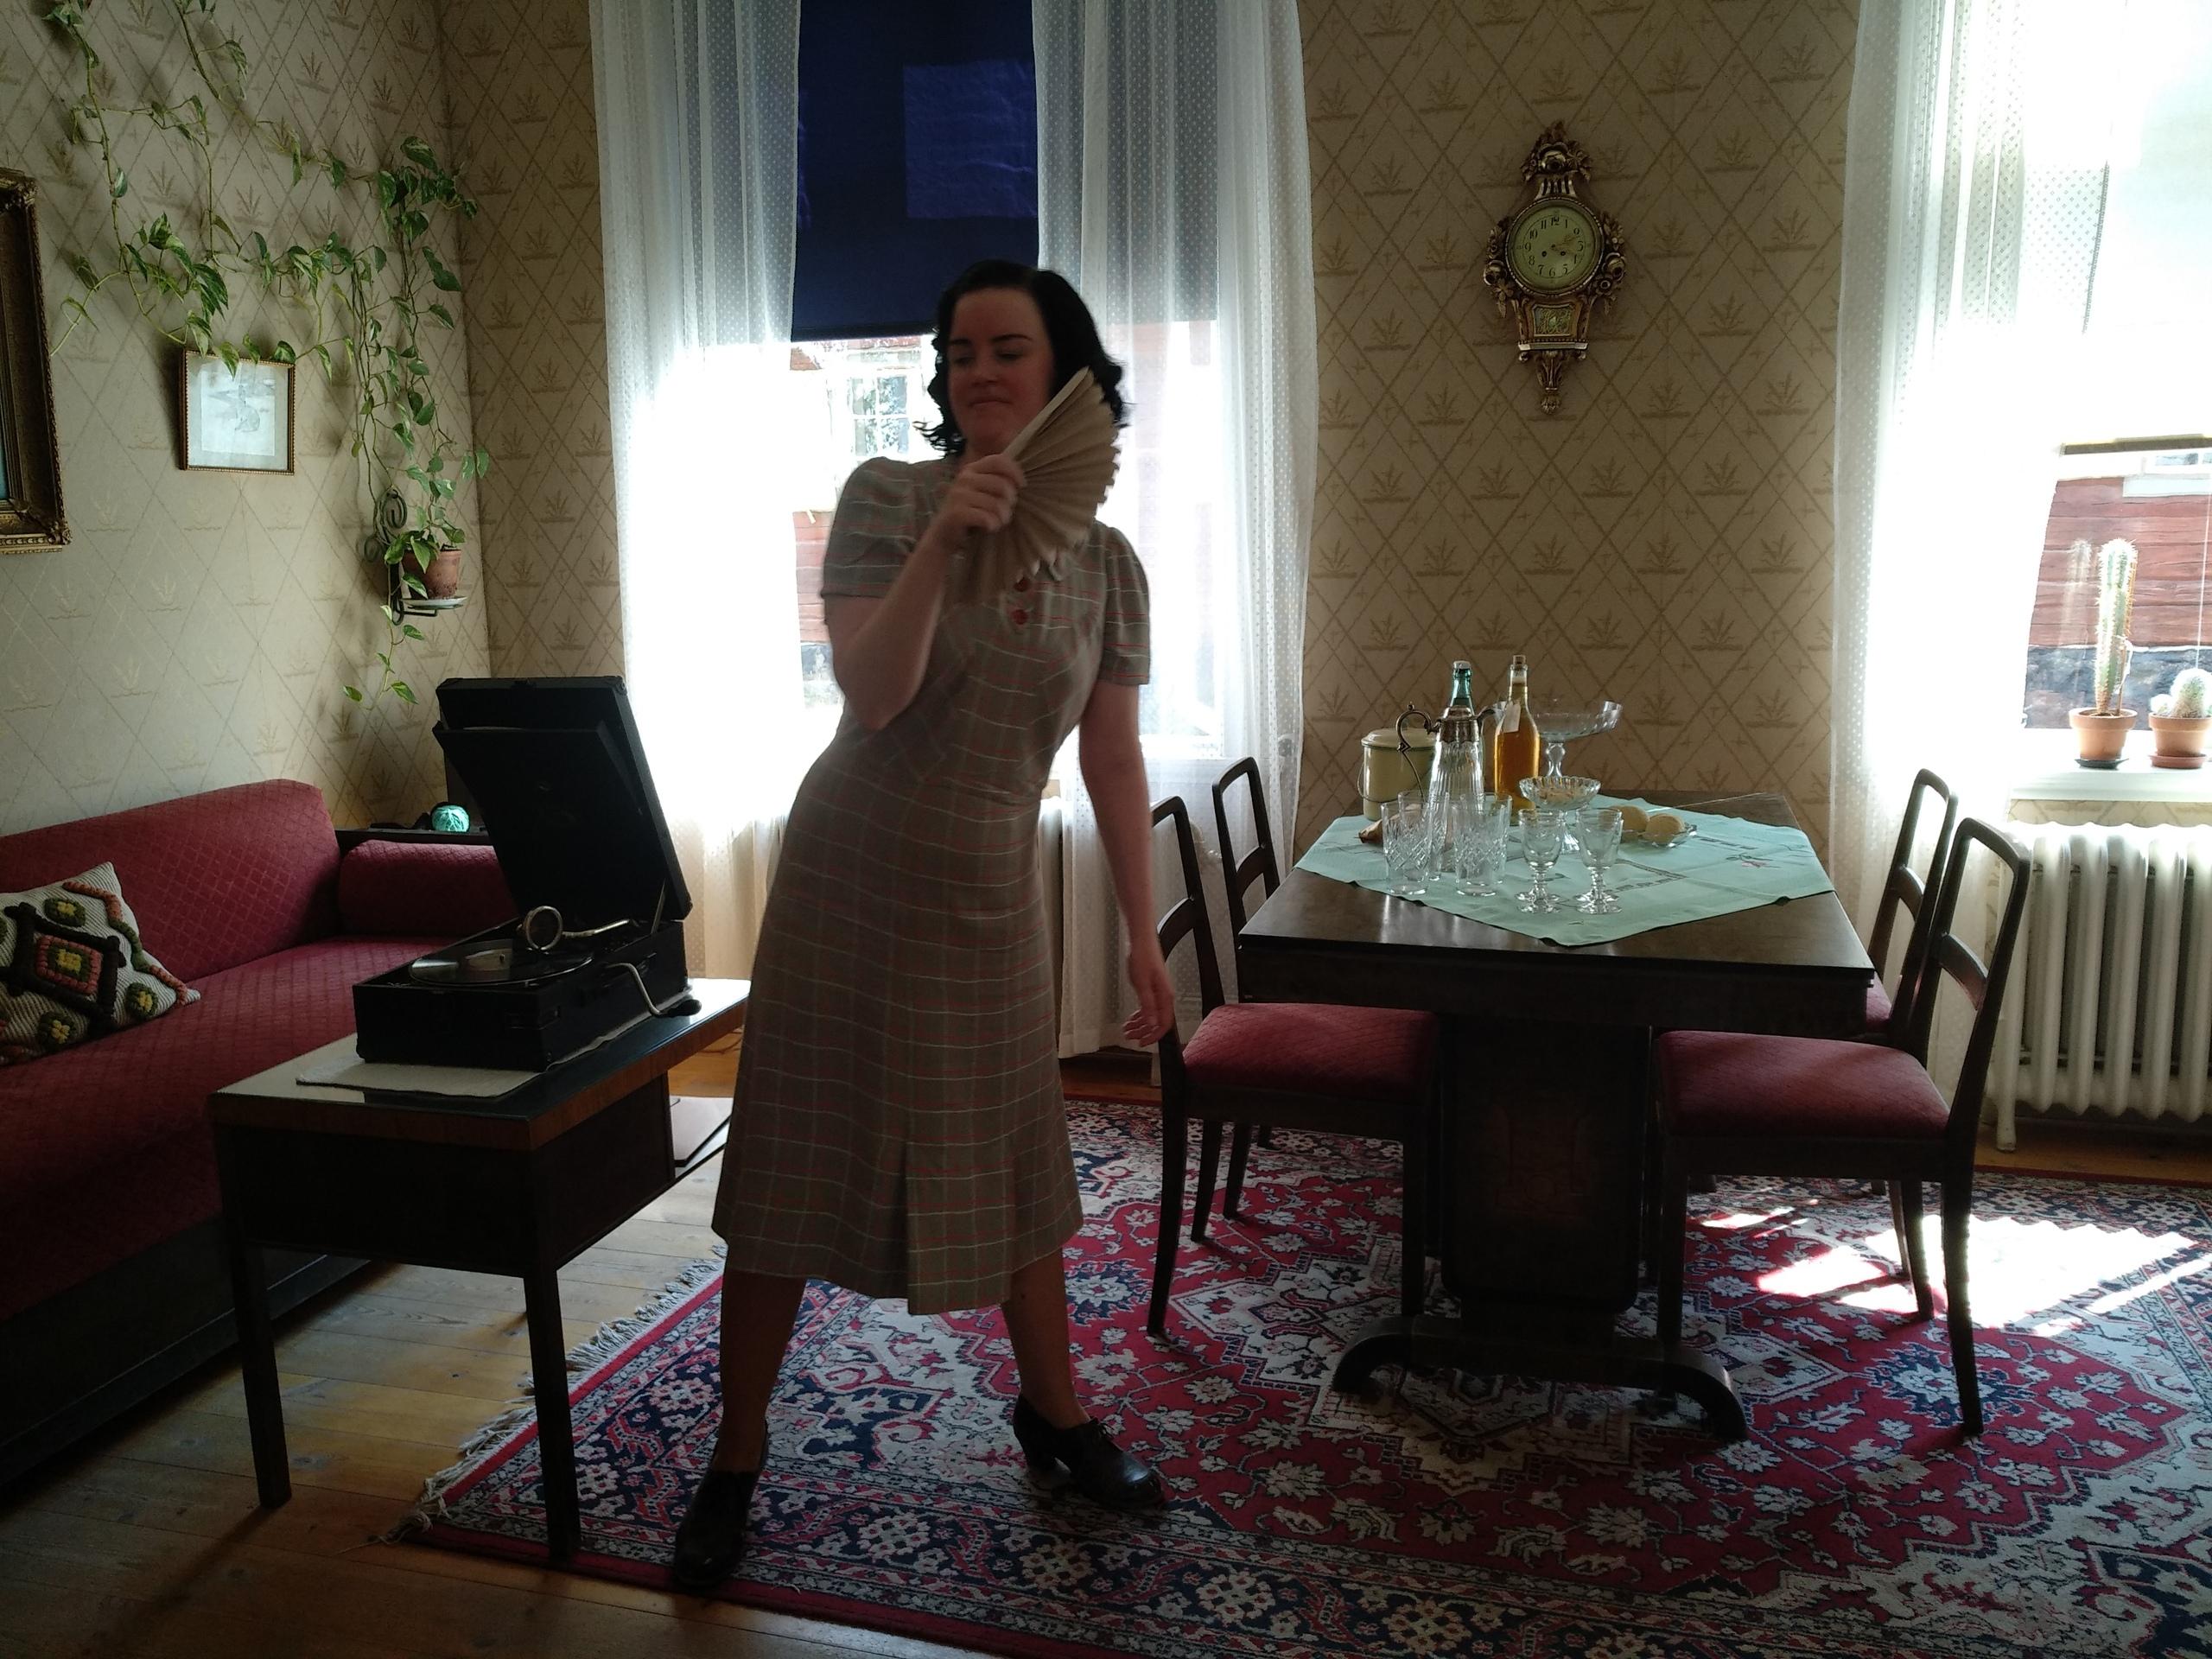 Скансен: Швеция в миниатюре Скансен, времени, время, музея, Хазелиус, круглый, выходных, прежние, внимание, острове, разное, создания, большая, Скансене, Скансена, билета, сцены, поездок, Даларна, времена